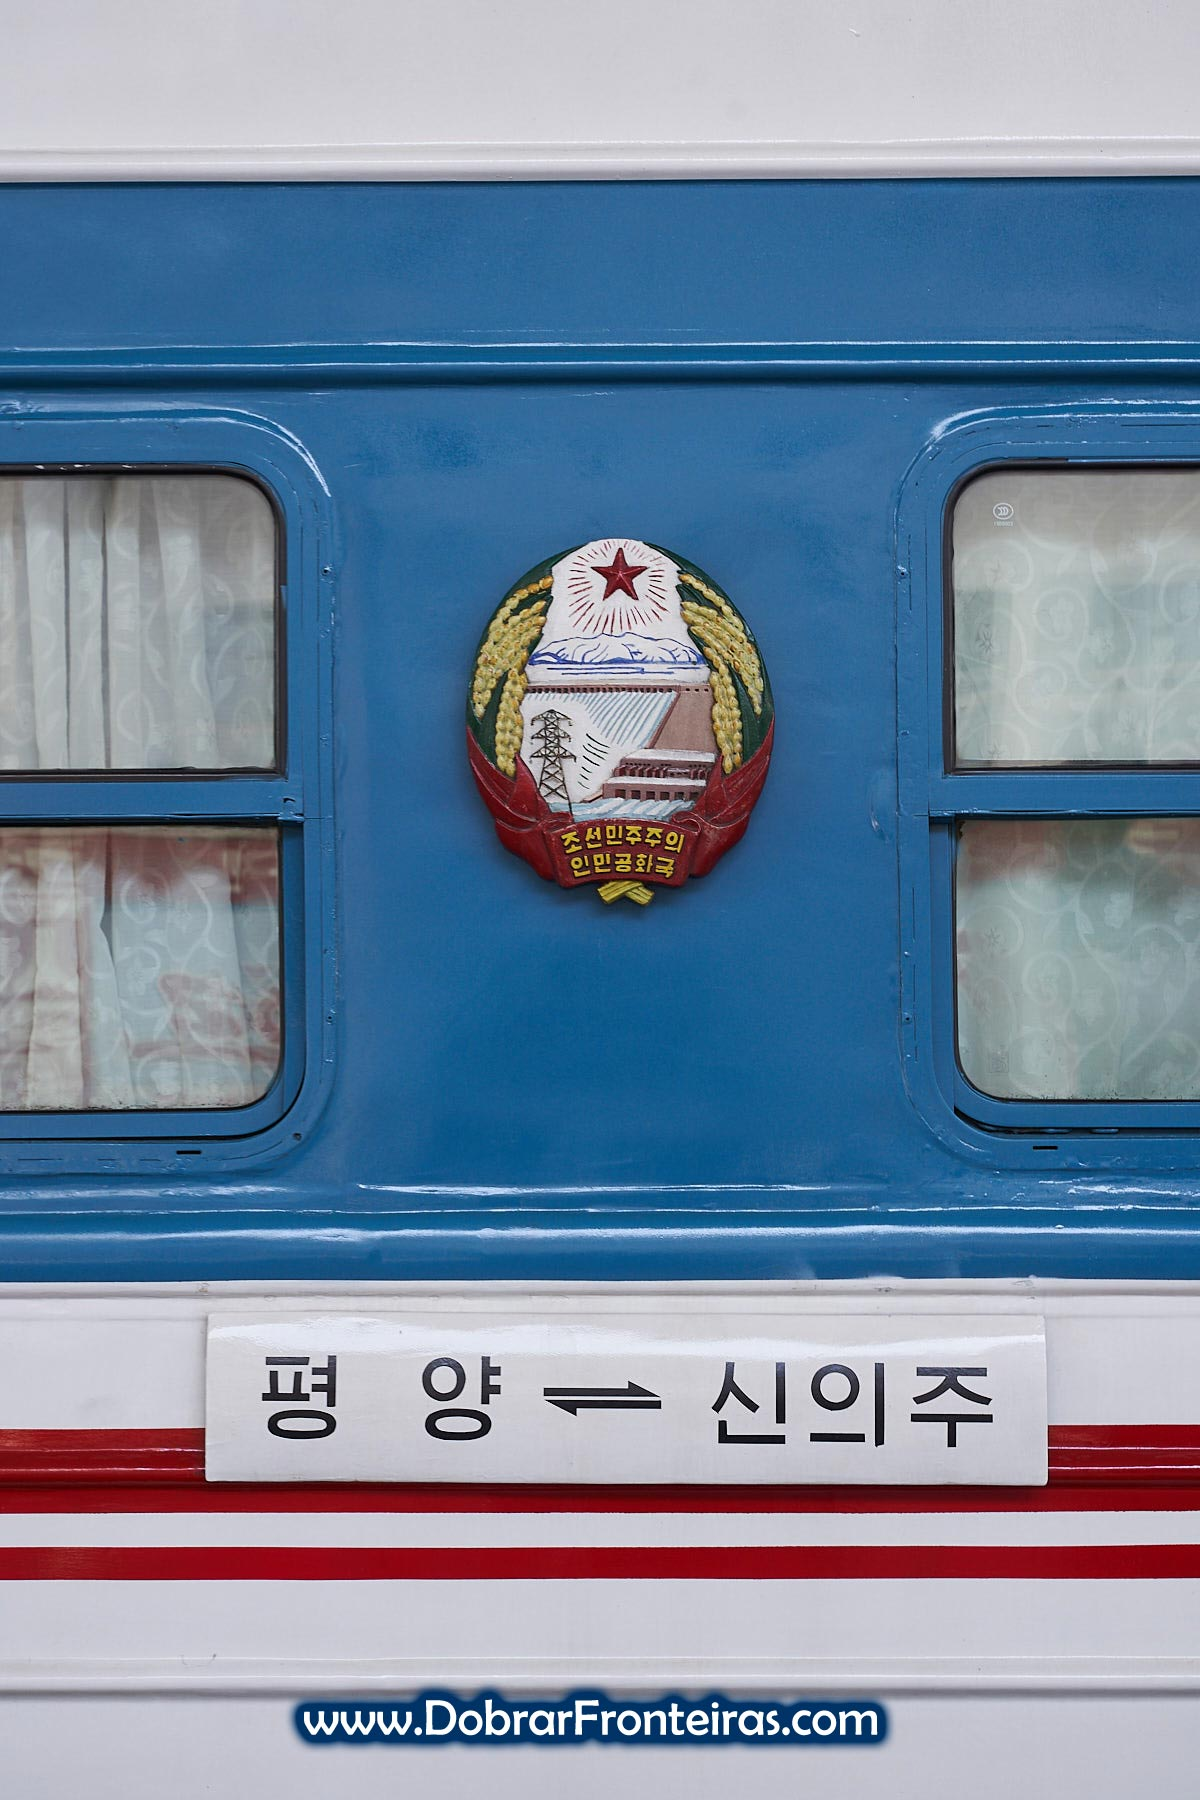 Placa do comboio Sinujiu, Pyongyang, Coreia do Norte